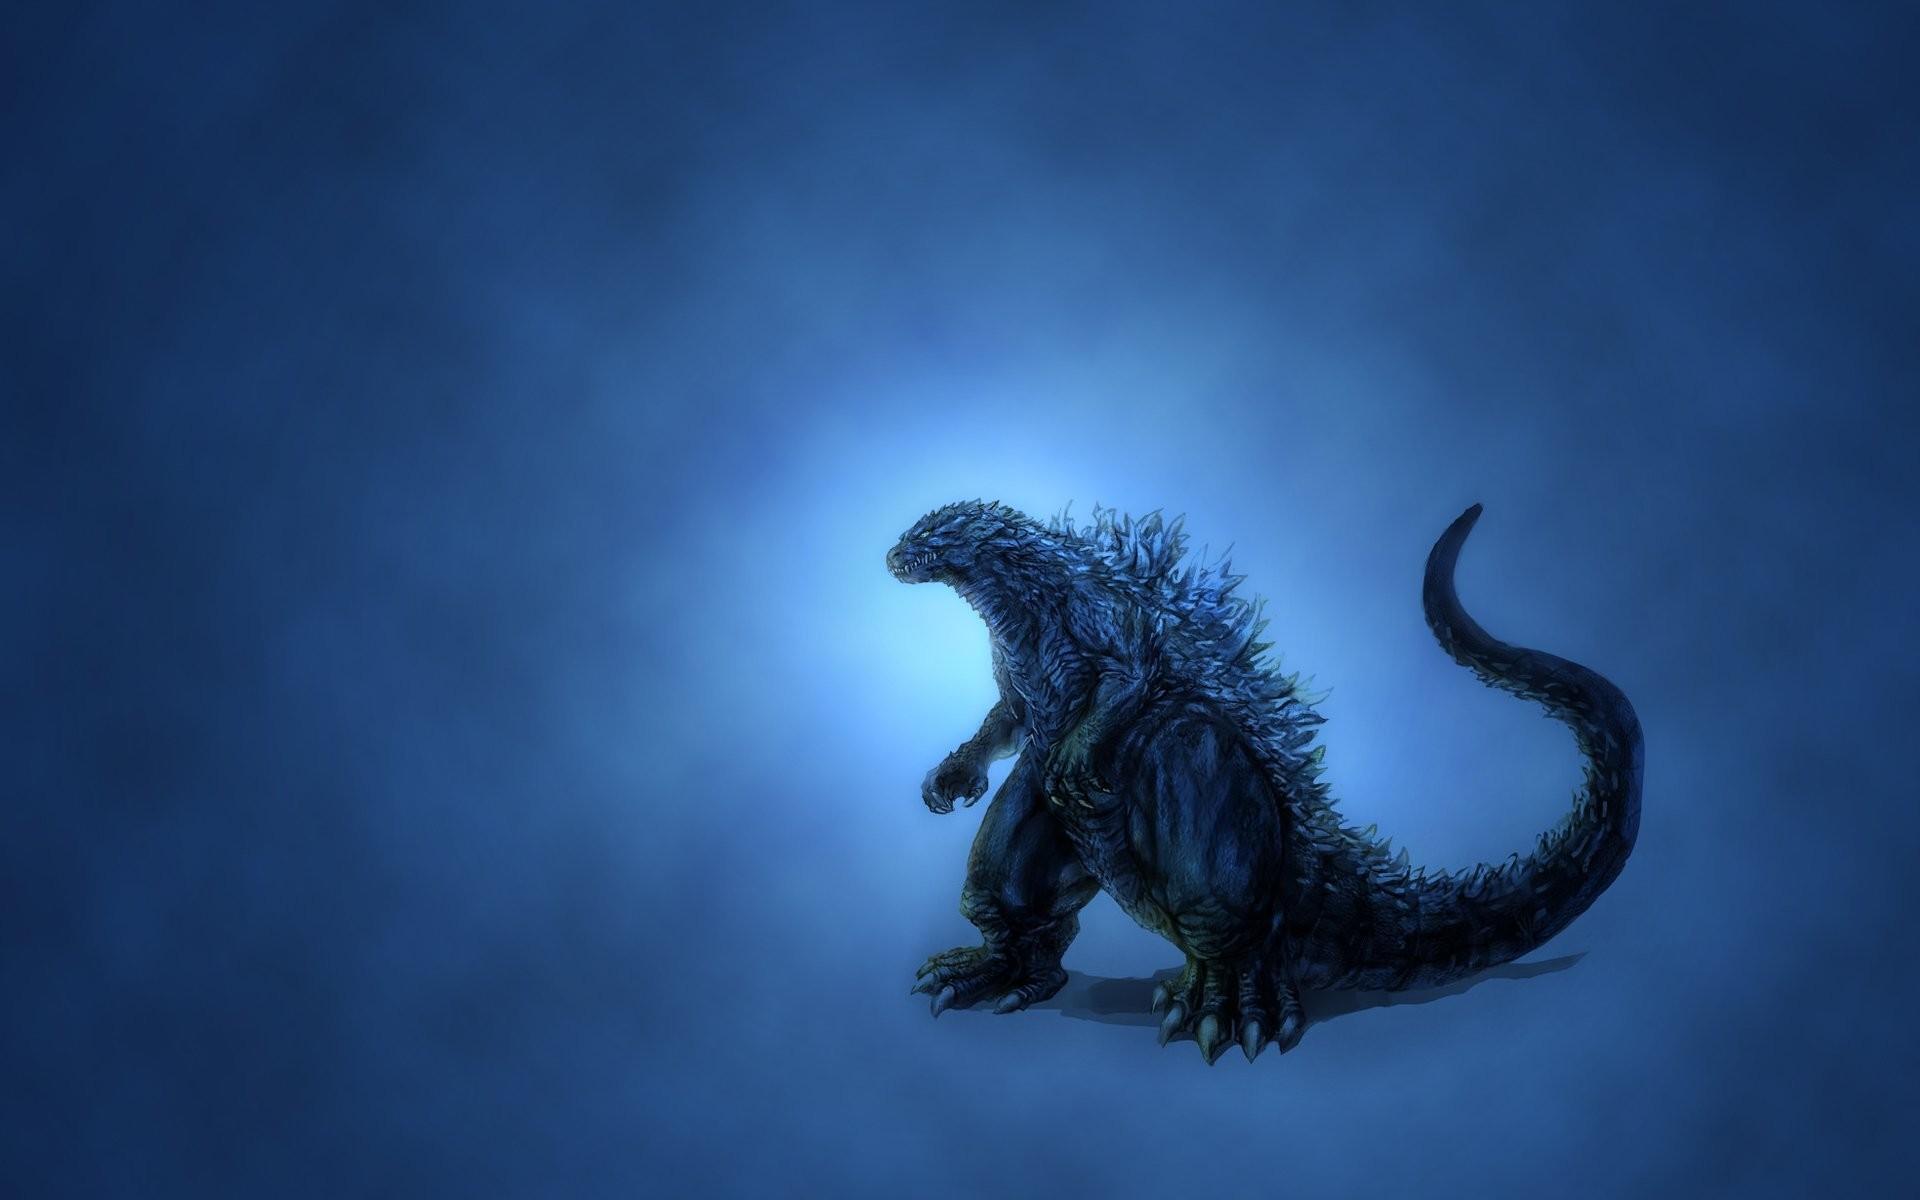 godzilla blue background dinosaur godzilla glow minimalism dusky